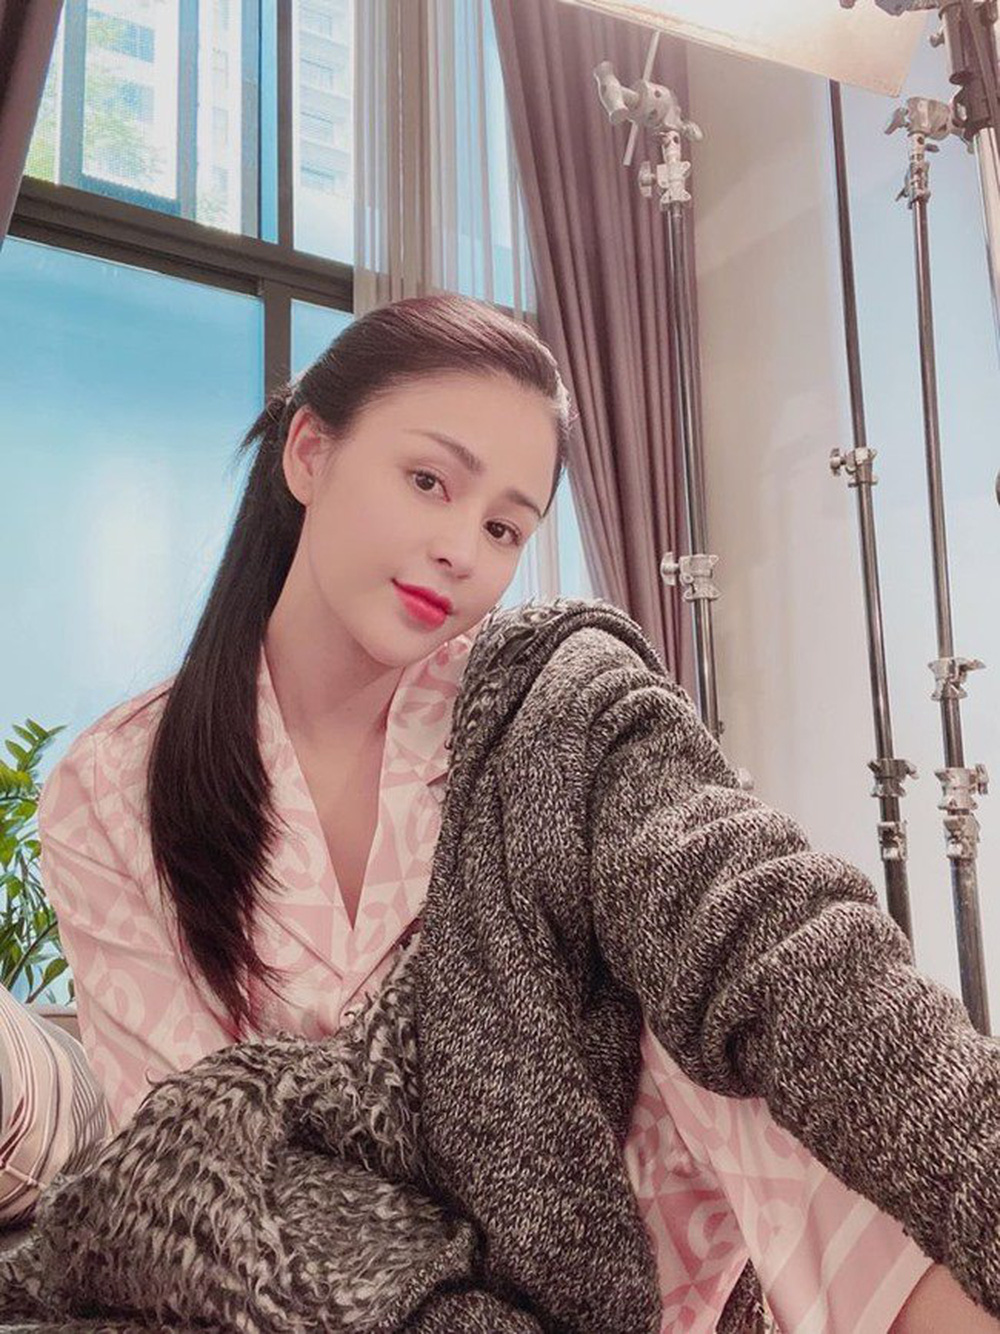 Thời trang đồ ngủ trên phim của Phương Oanh, Hồng Diễm cùng các nữ diễn viên - ảnh 8